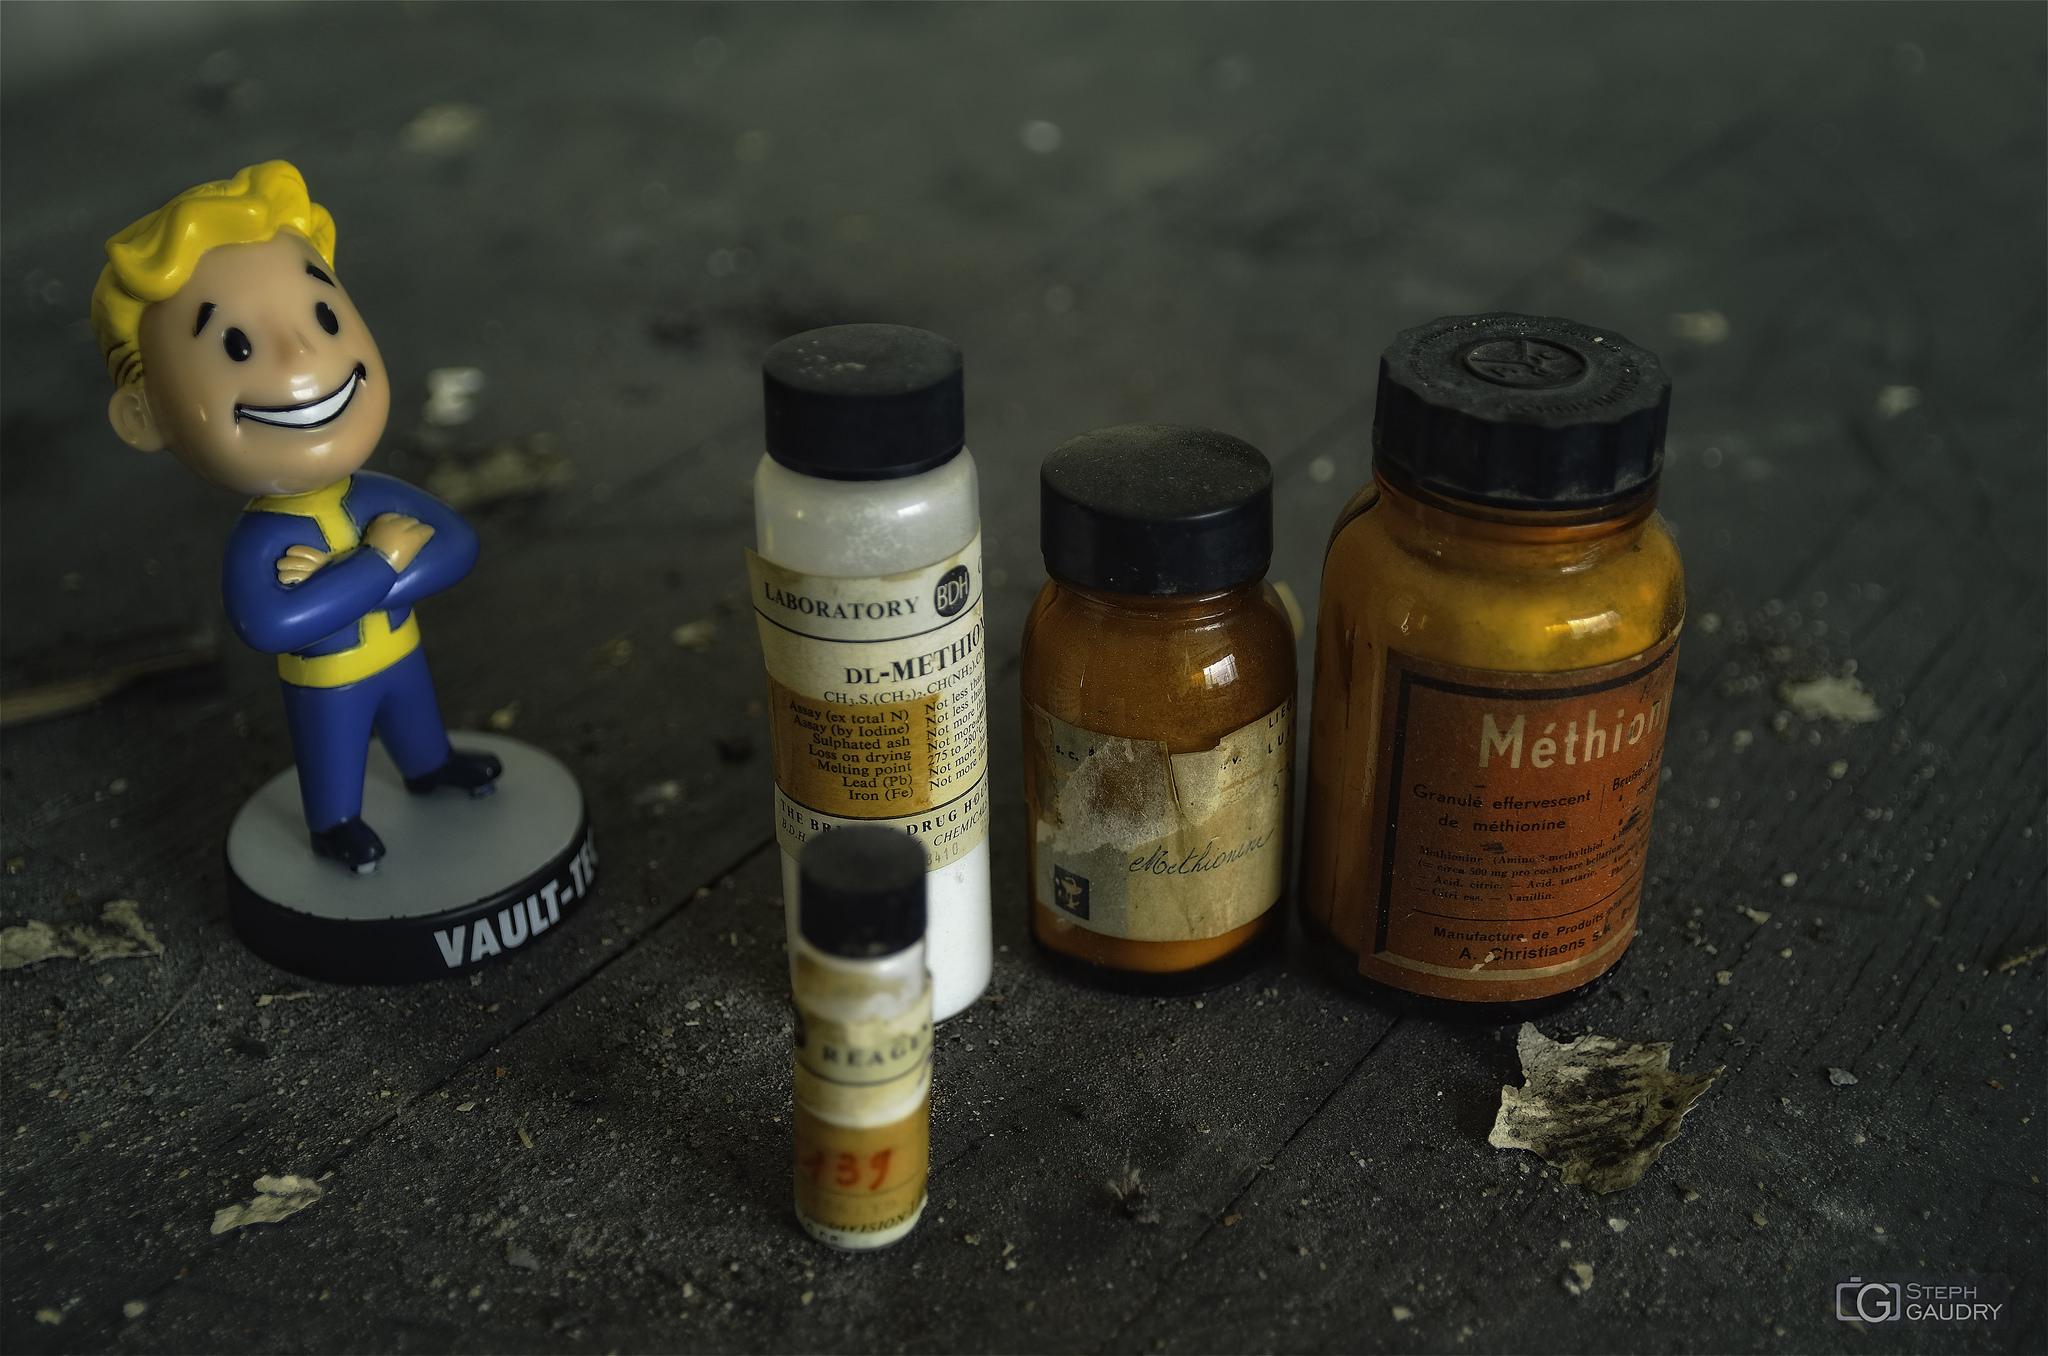 Fallout - Buffout, radaway, mais où sont les stimpaks? [Klik om de diavoorstelling te starten]